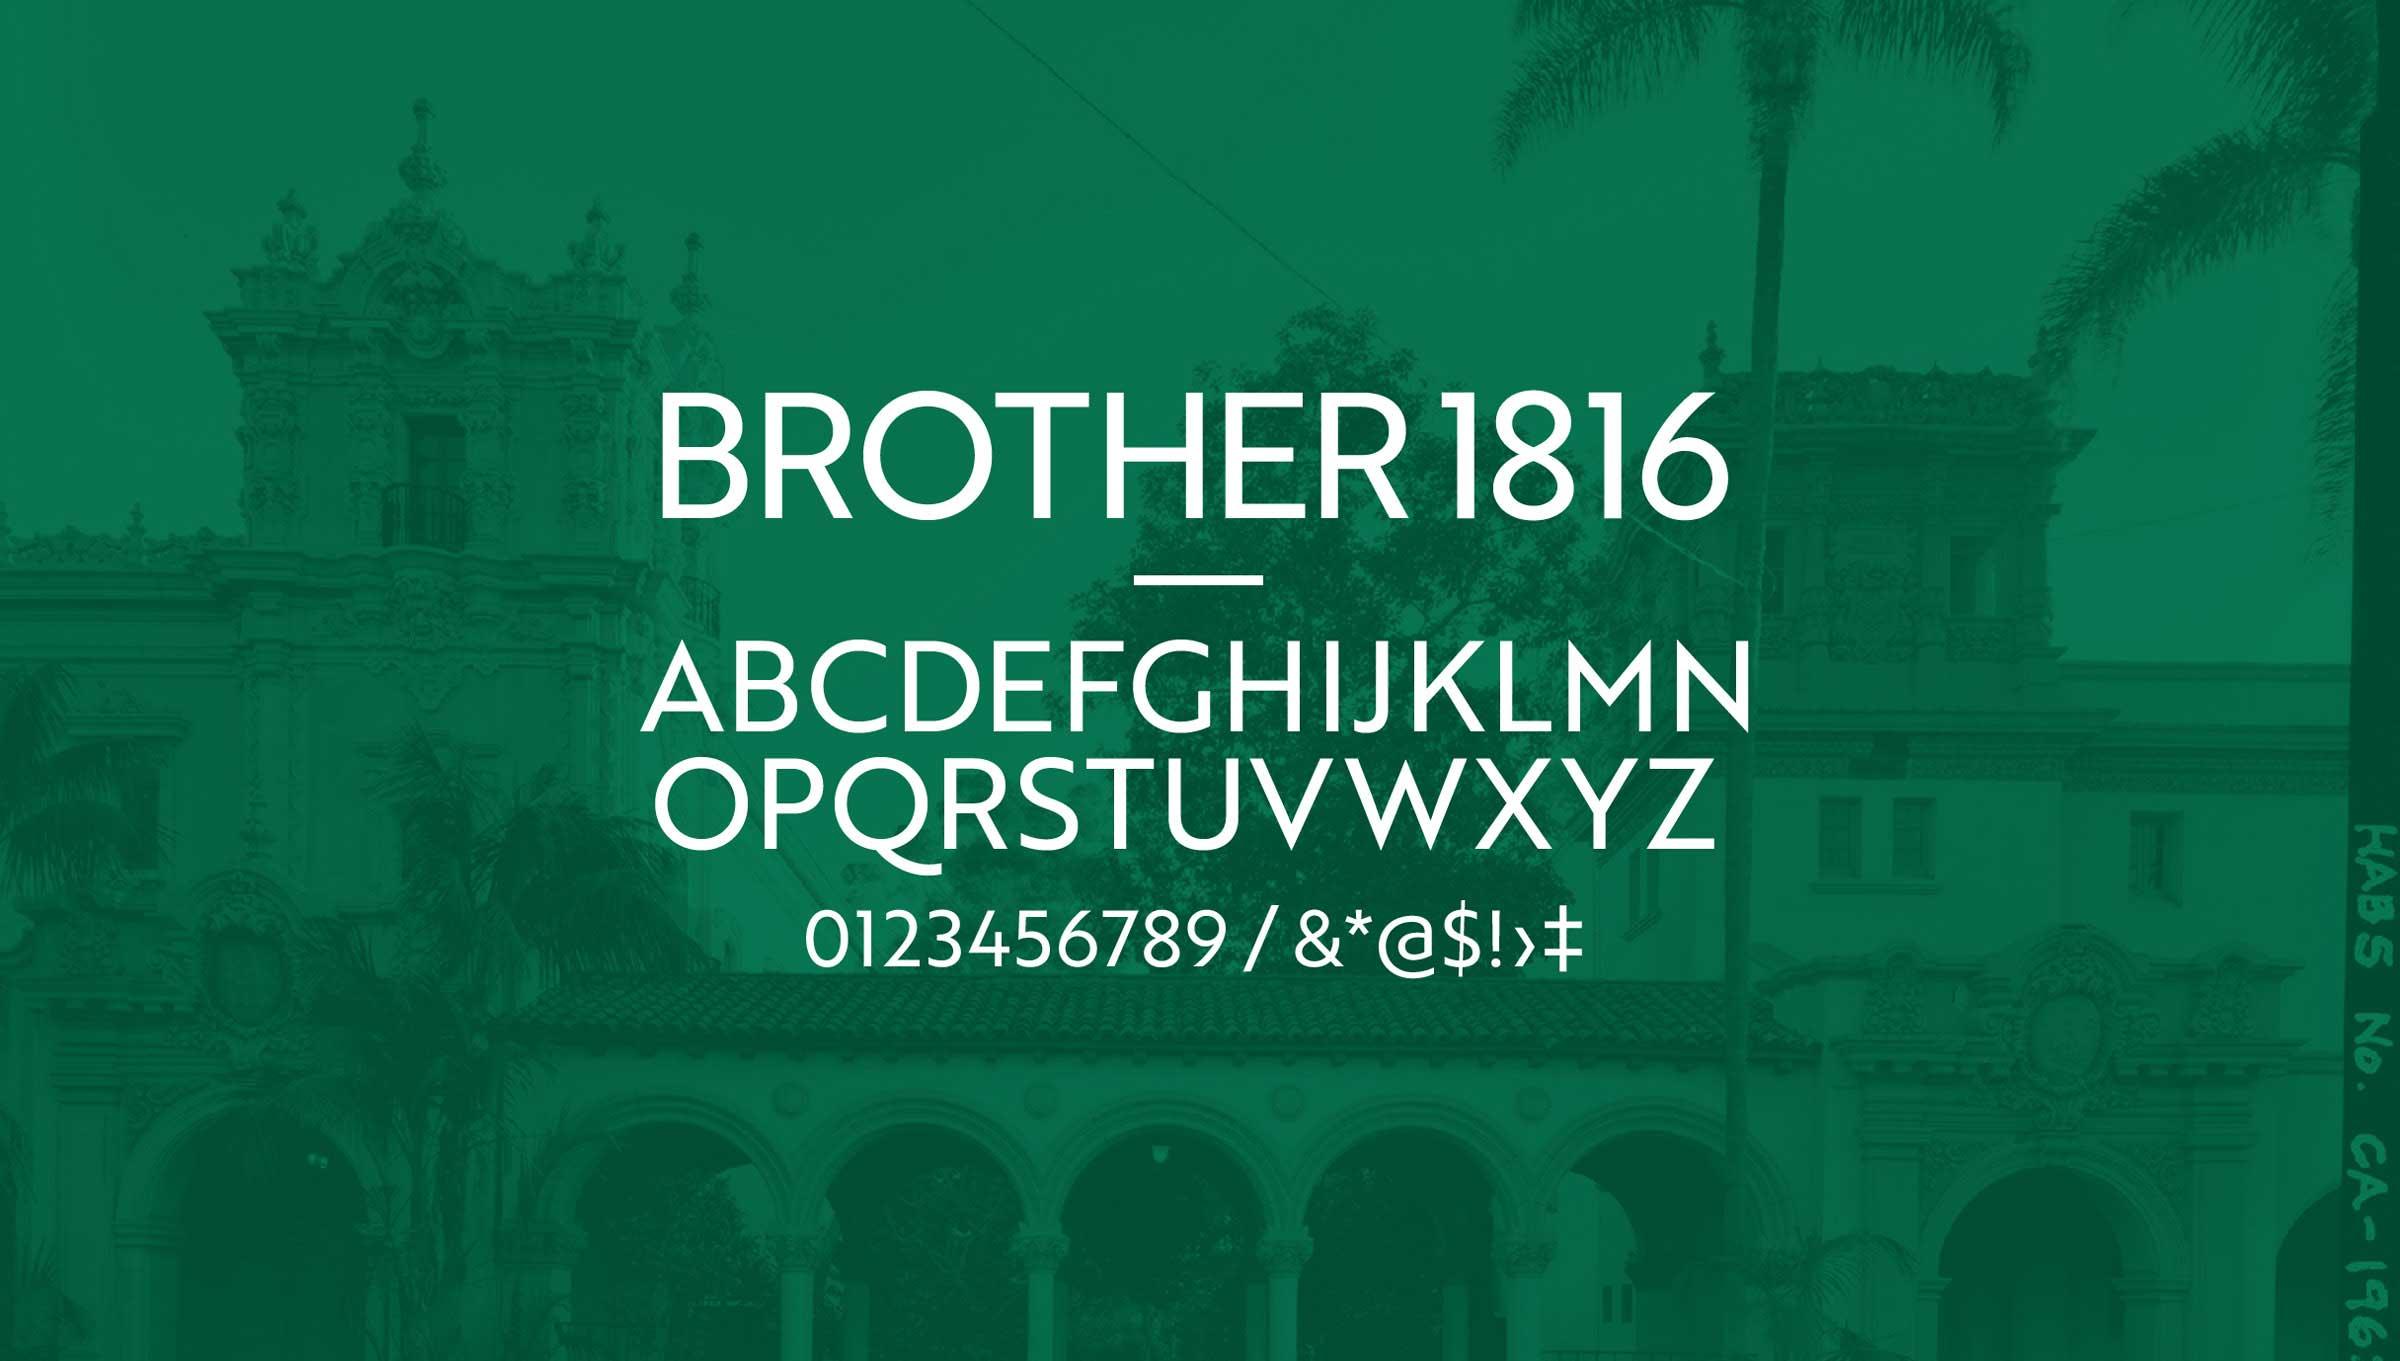 Balboa Park Conservancy Brand Typography